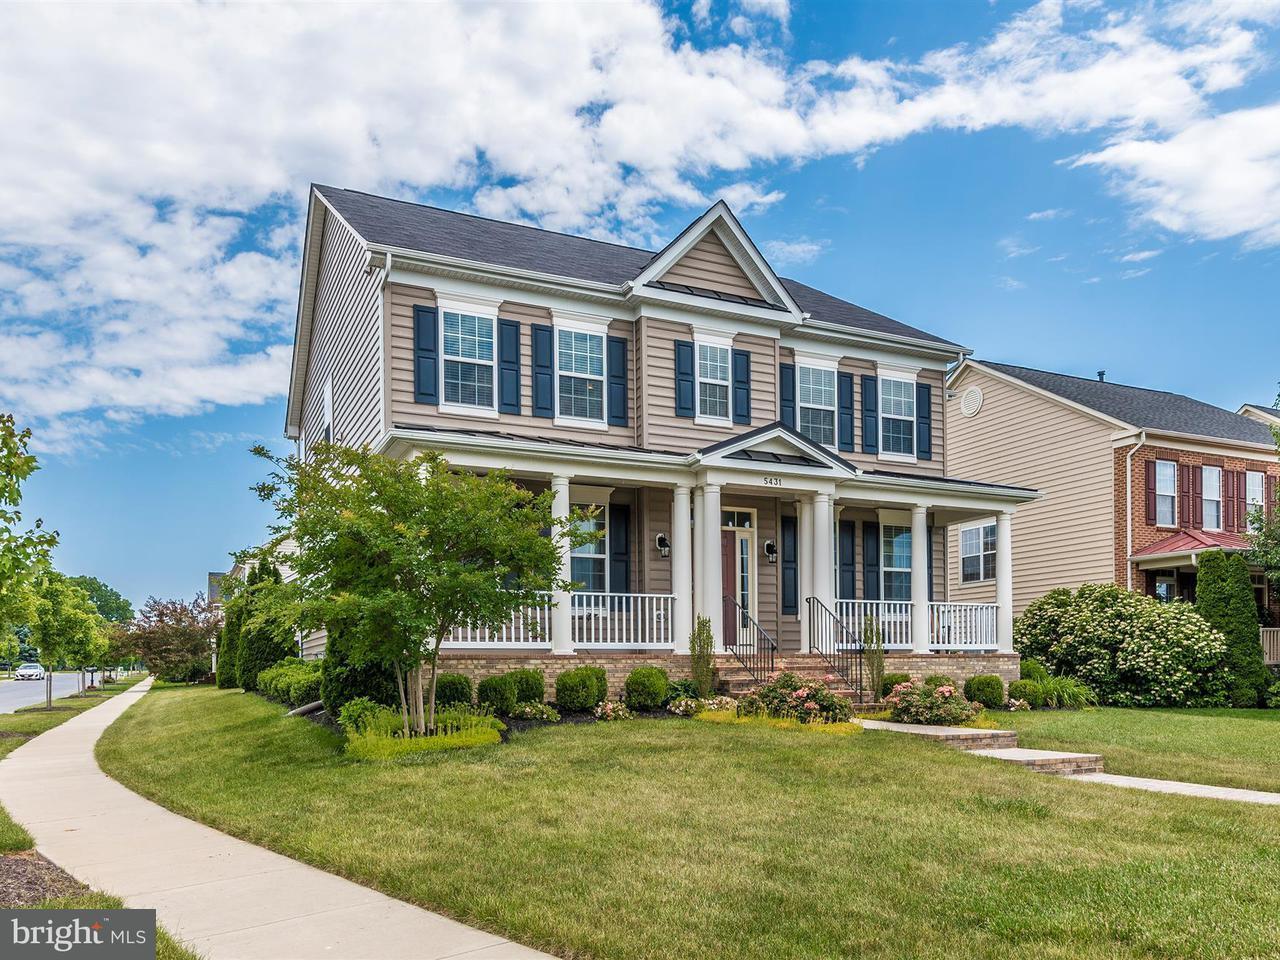 Maison unifamiliale pour l Vente à 5431 LOTT 5431 LOTT Adamstown, Maryland 21710 États-Unis